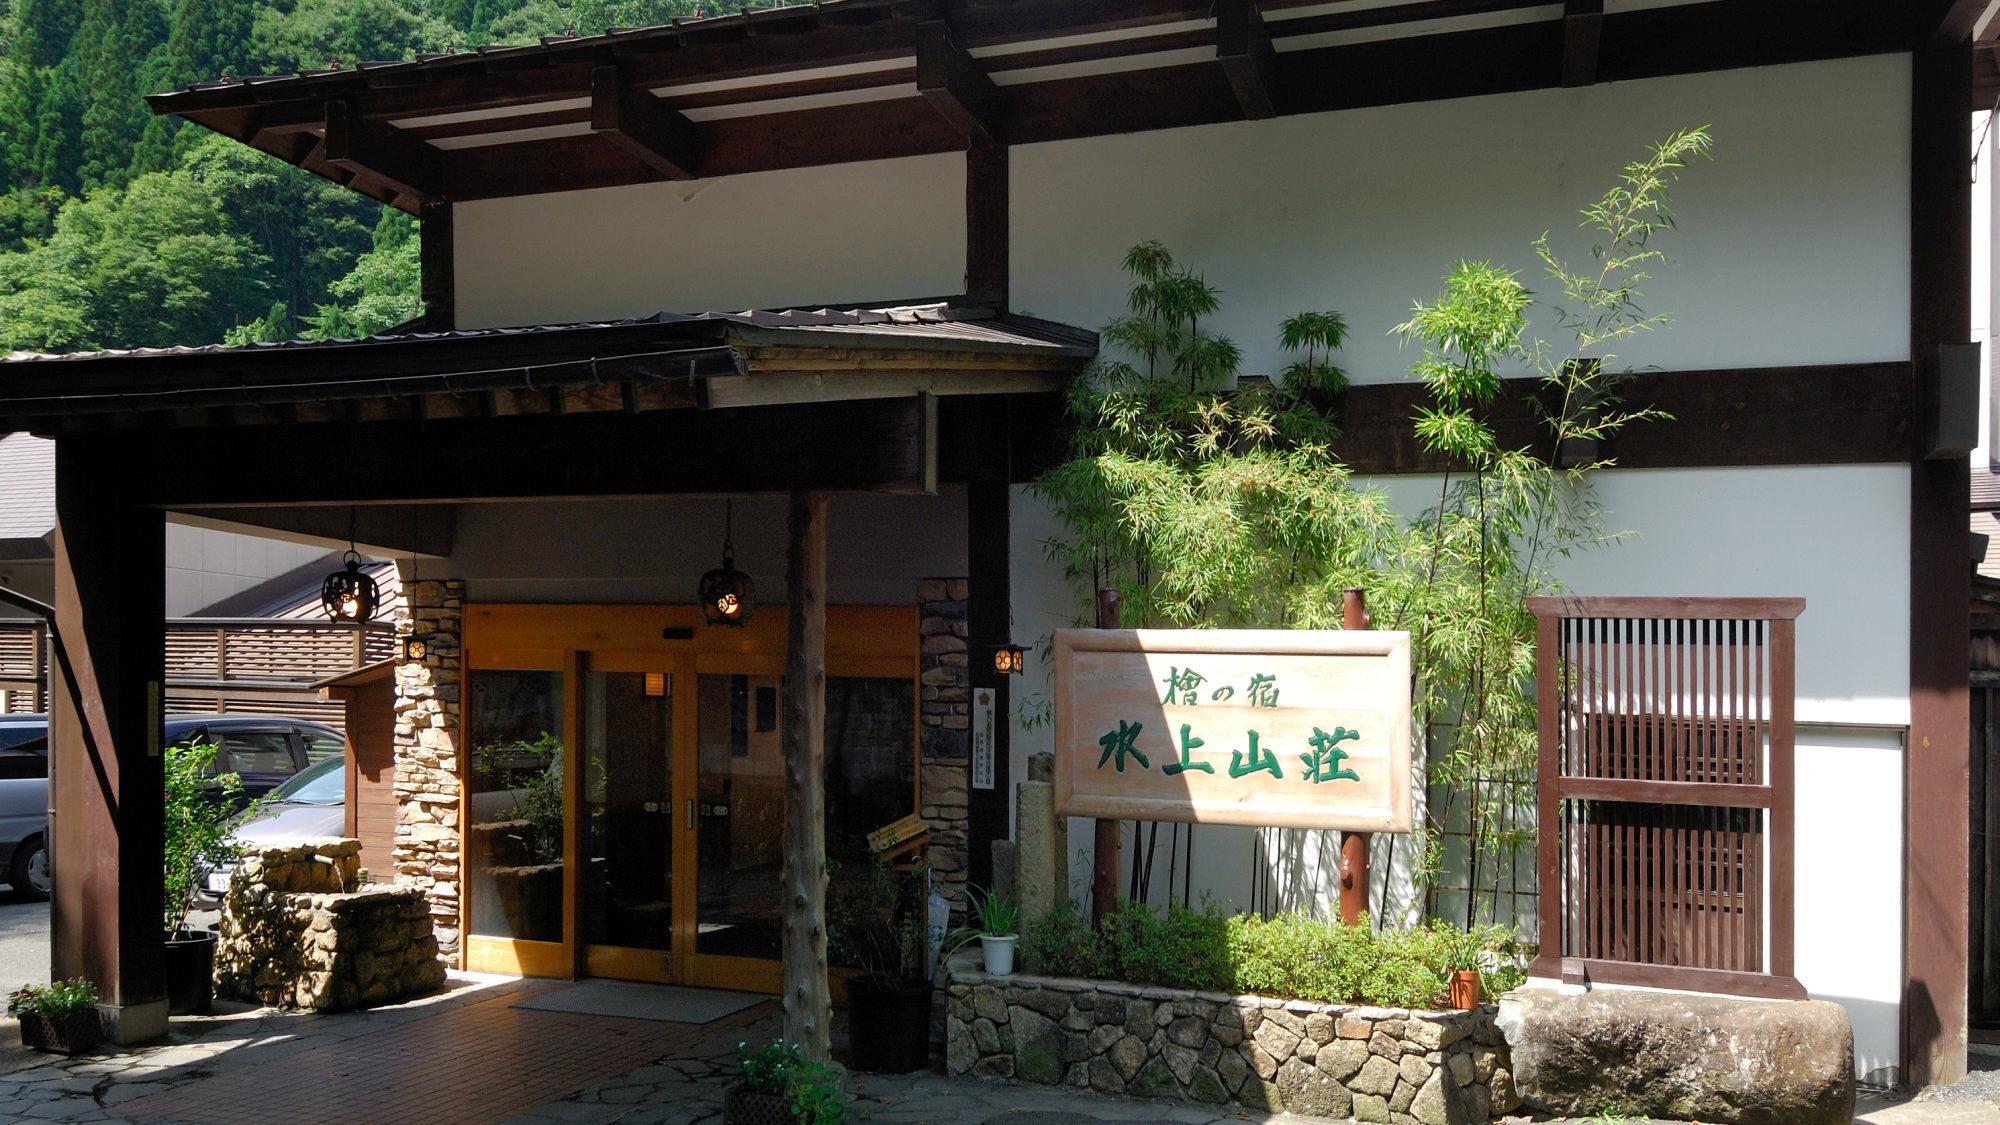 谷川温泉 檜の宿 水上山荘